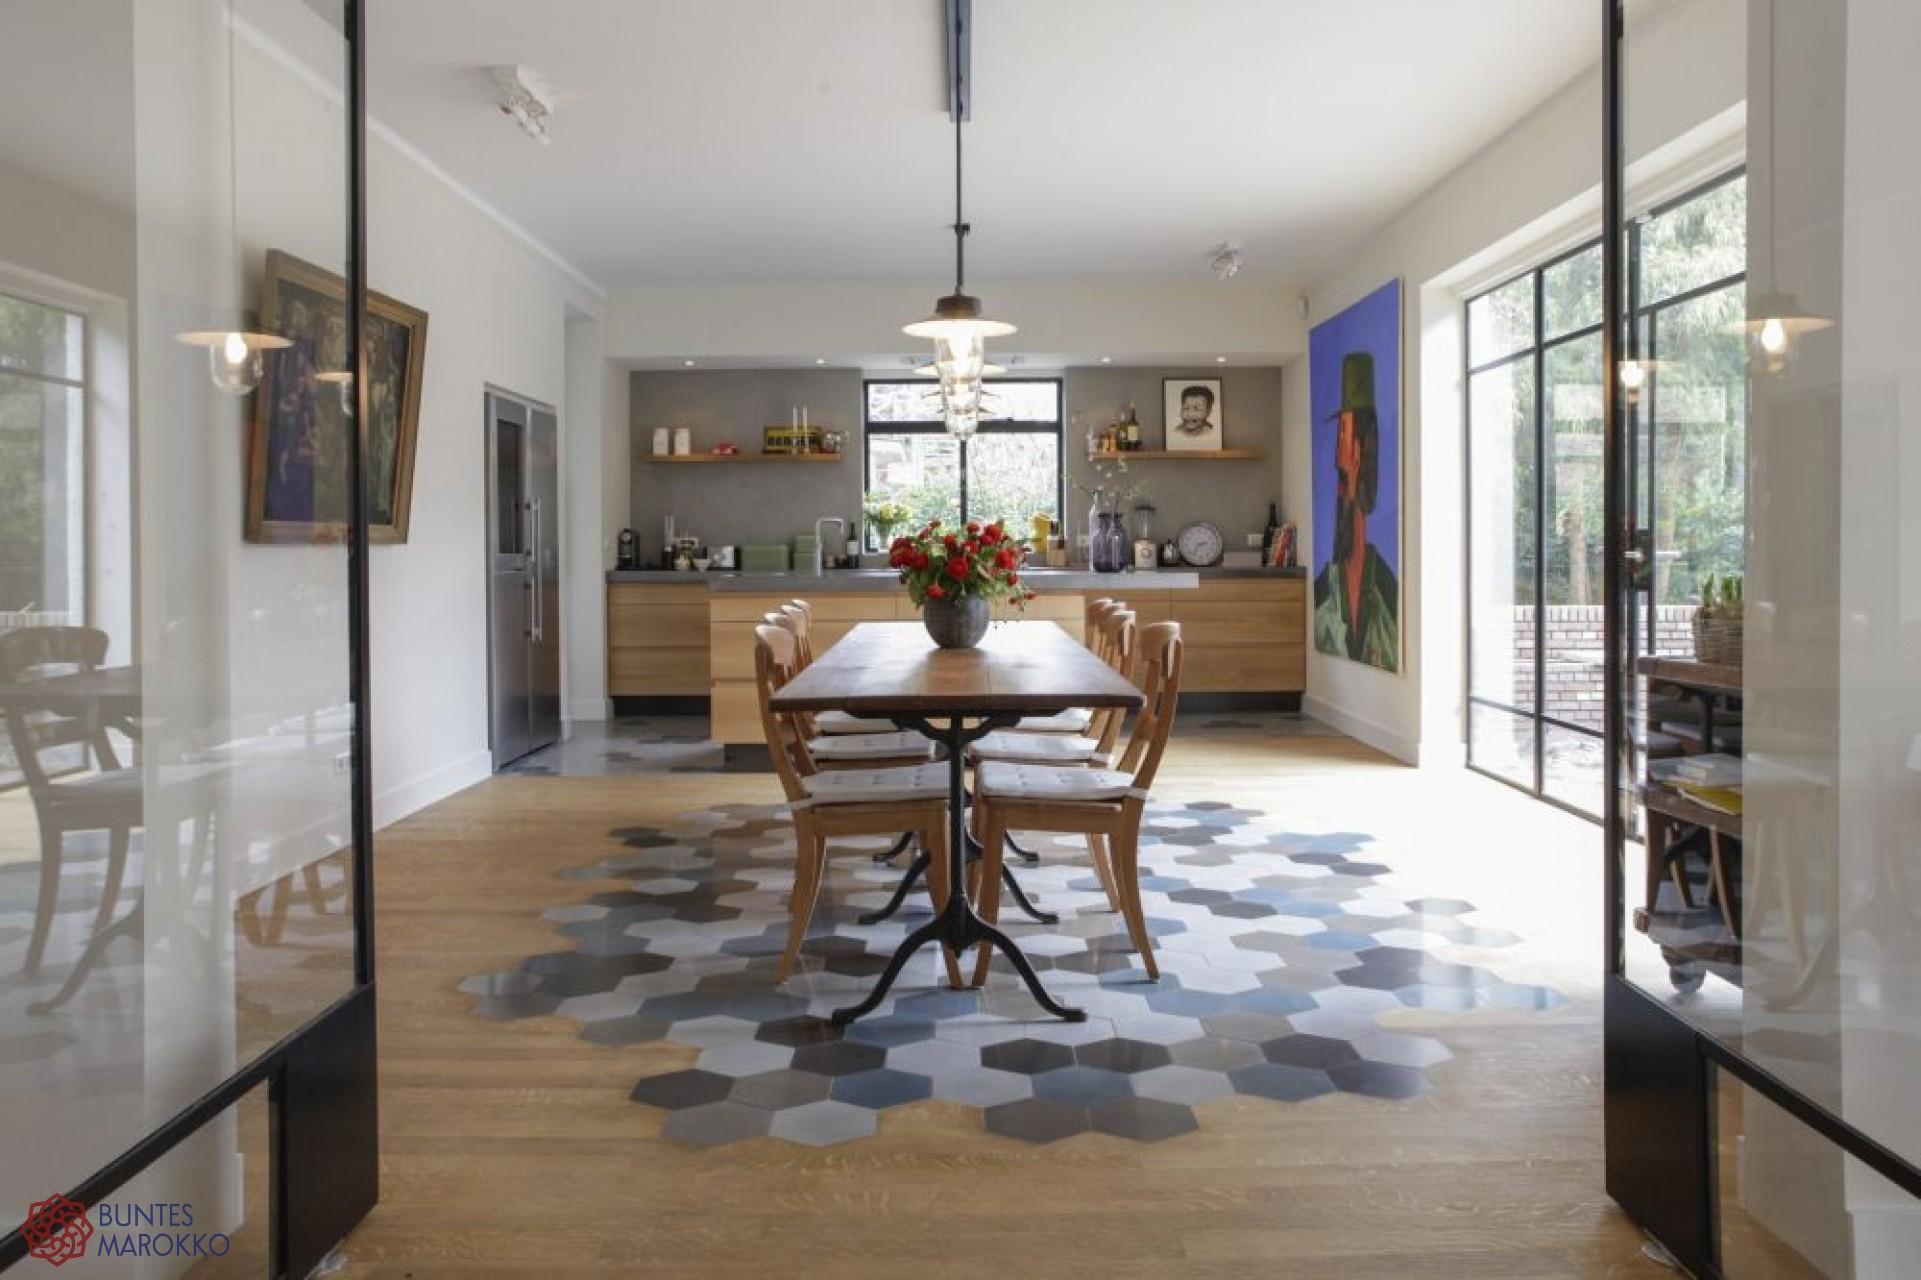 Full Size of Küche Bodenfliesen Besondere Zementkacheln In Der Kche Miniküche Mintgrün Ikea Kosten Granitplatten Spüle Industrie Landhausstil Eckunterschrank Wohnzimmer Küche Bodenfliesen